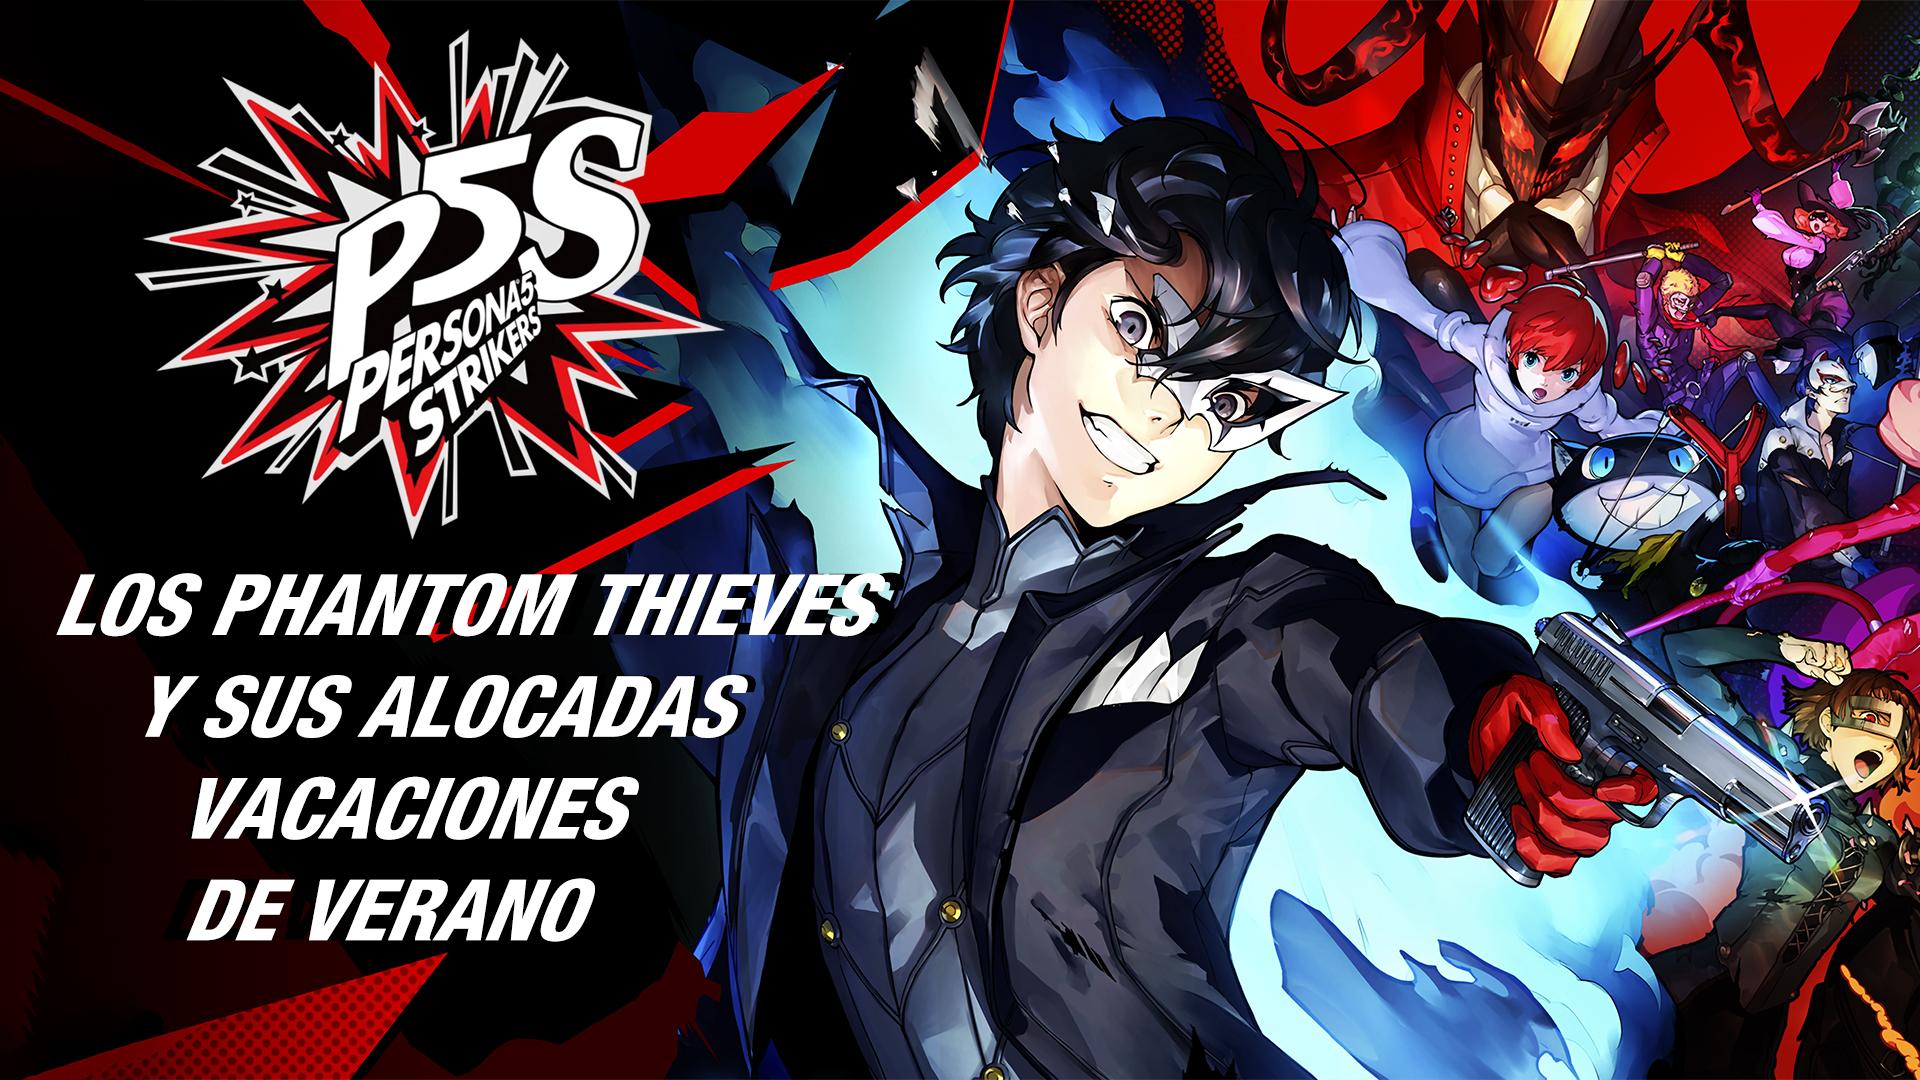 Persona 5 Strikers- Los Phantom Thieves y sus Alocadas Vacaciones de Verano